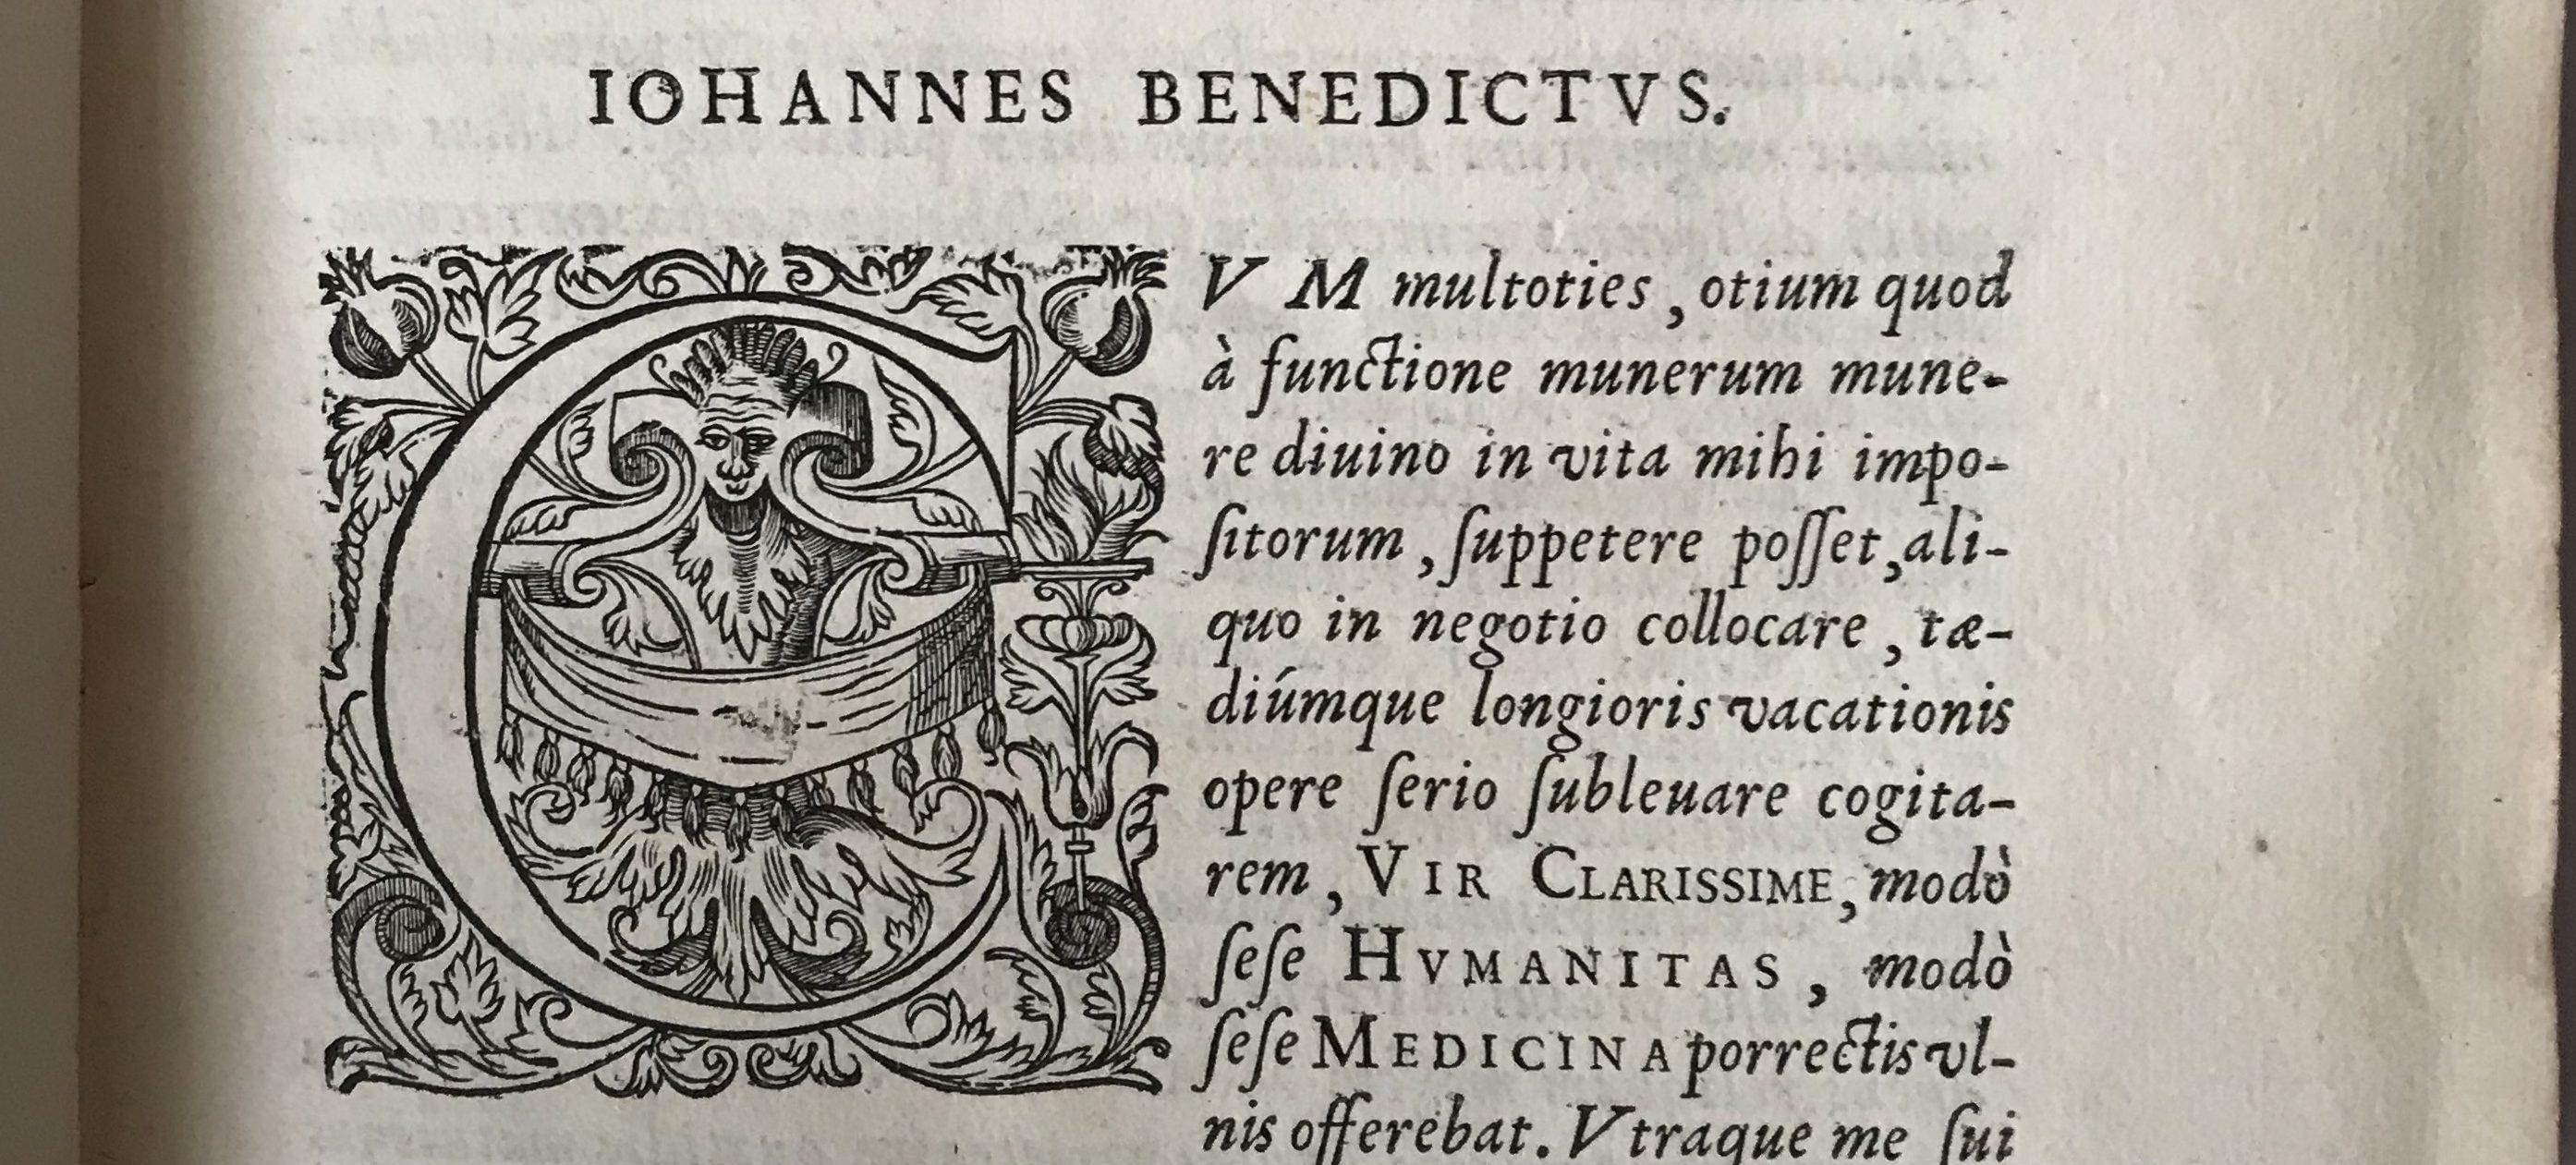 PINDAR (BENEDICTUS, Johannes)